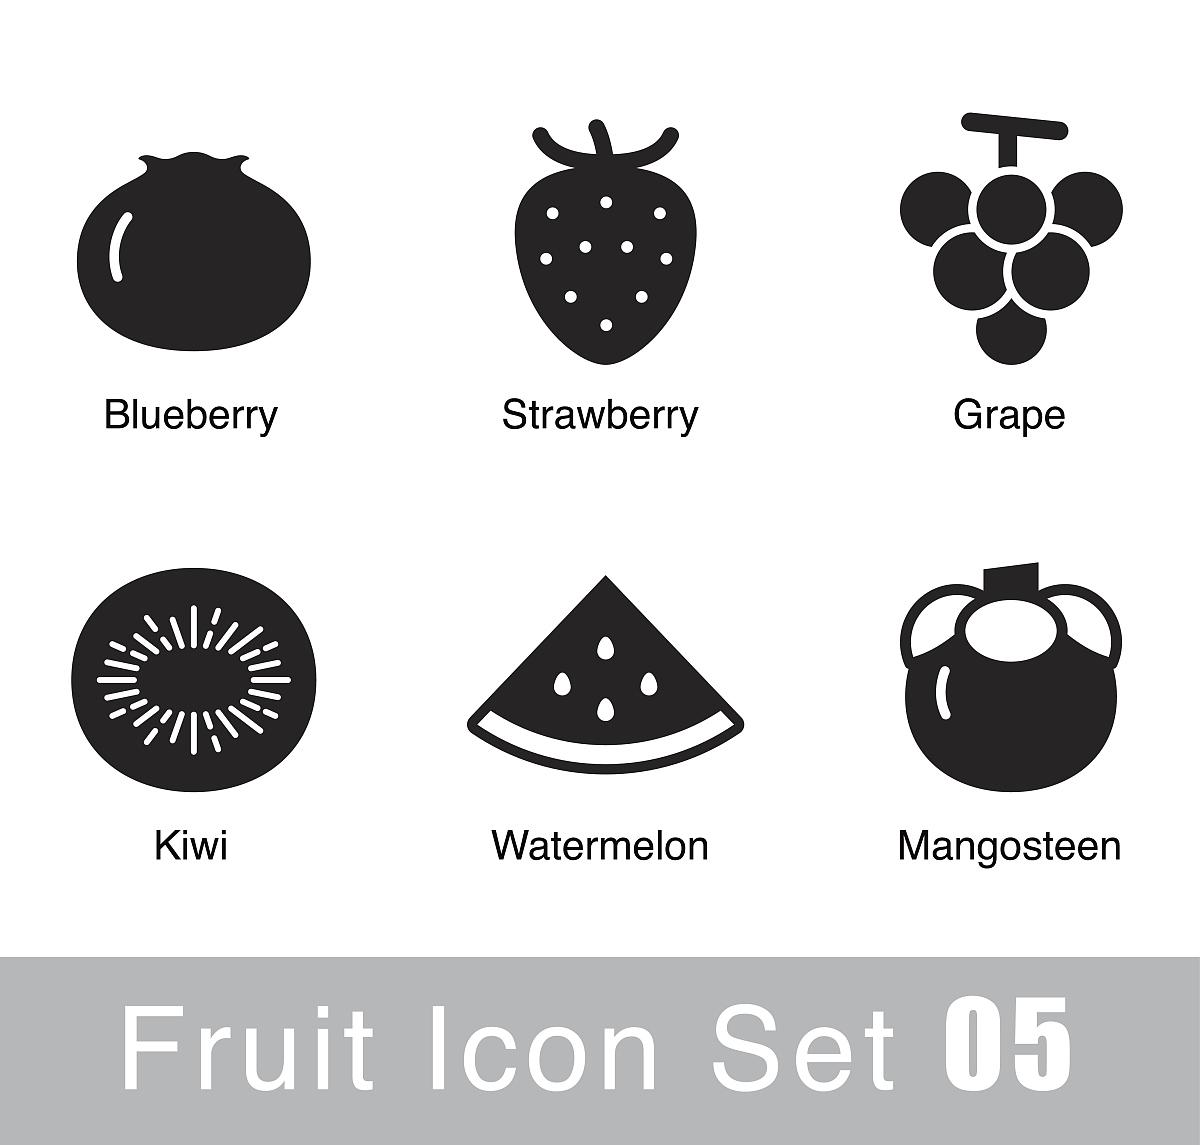 水果平面图标设计图片